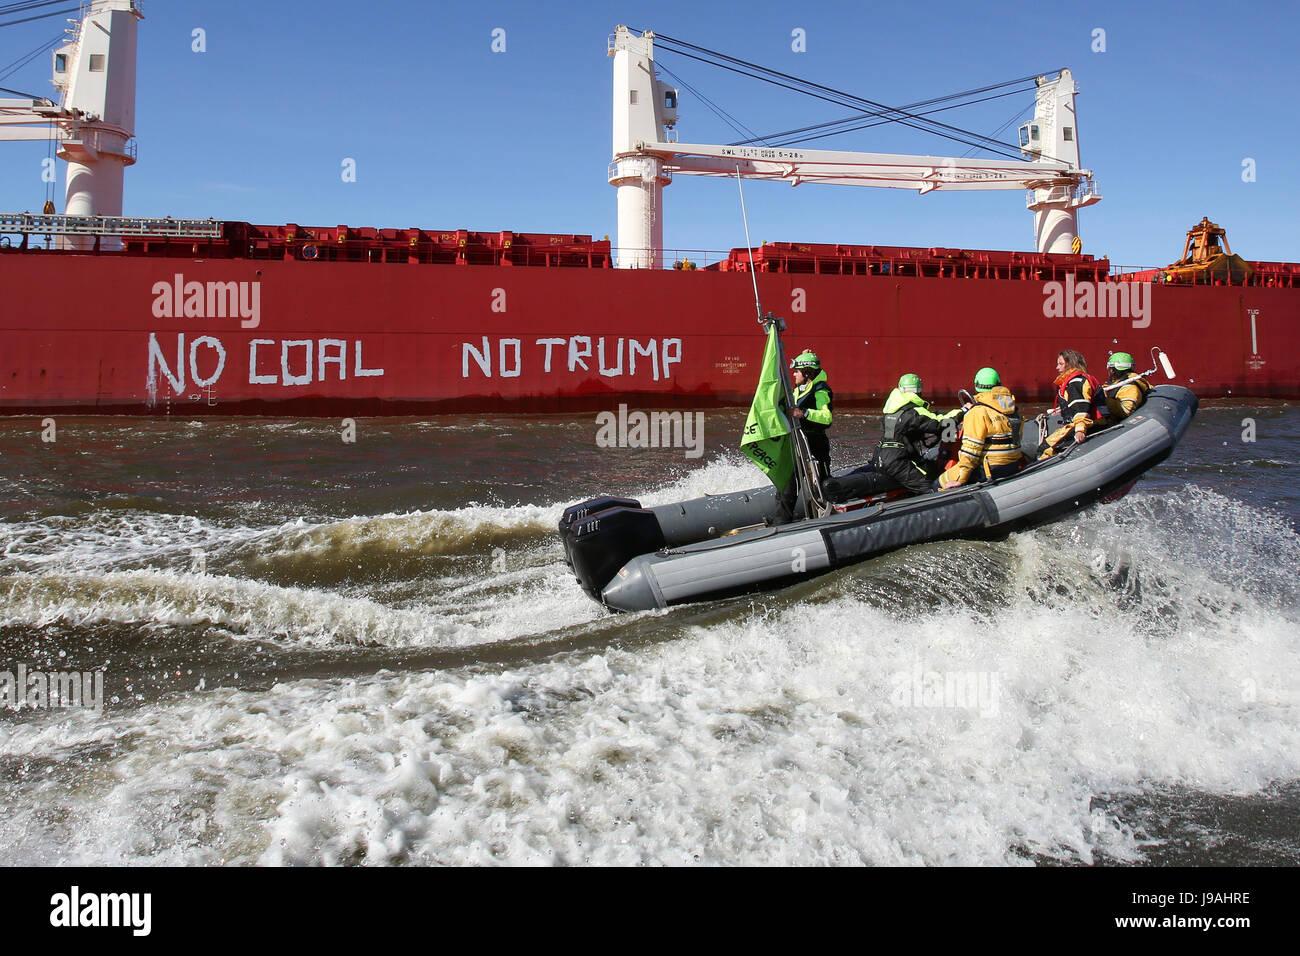 """Hamburgo, Alemania. Desde el 01 de junio, 2017. Activistas de Greenpeace siguieron el carguero """"BI"""" de Imagen De Stock"""